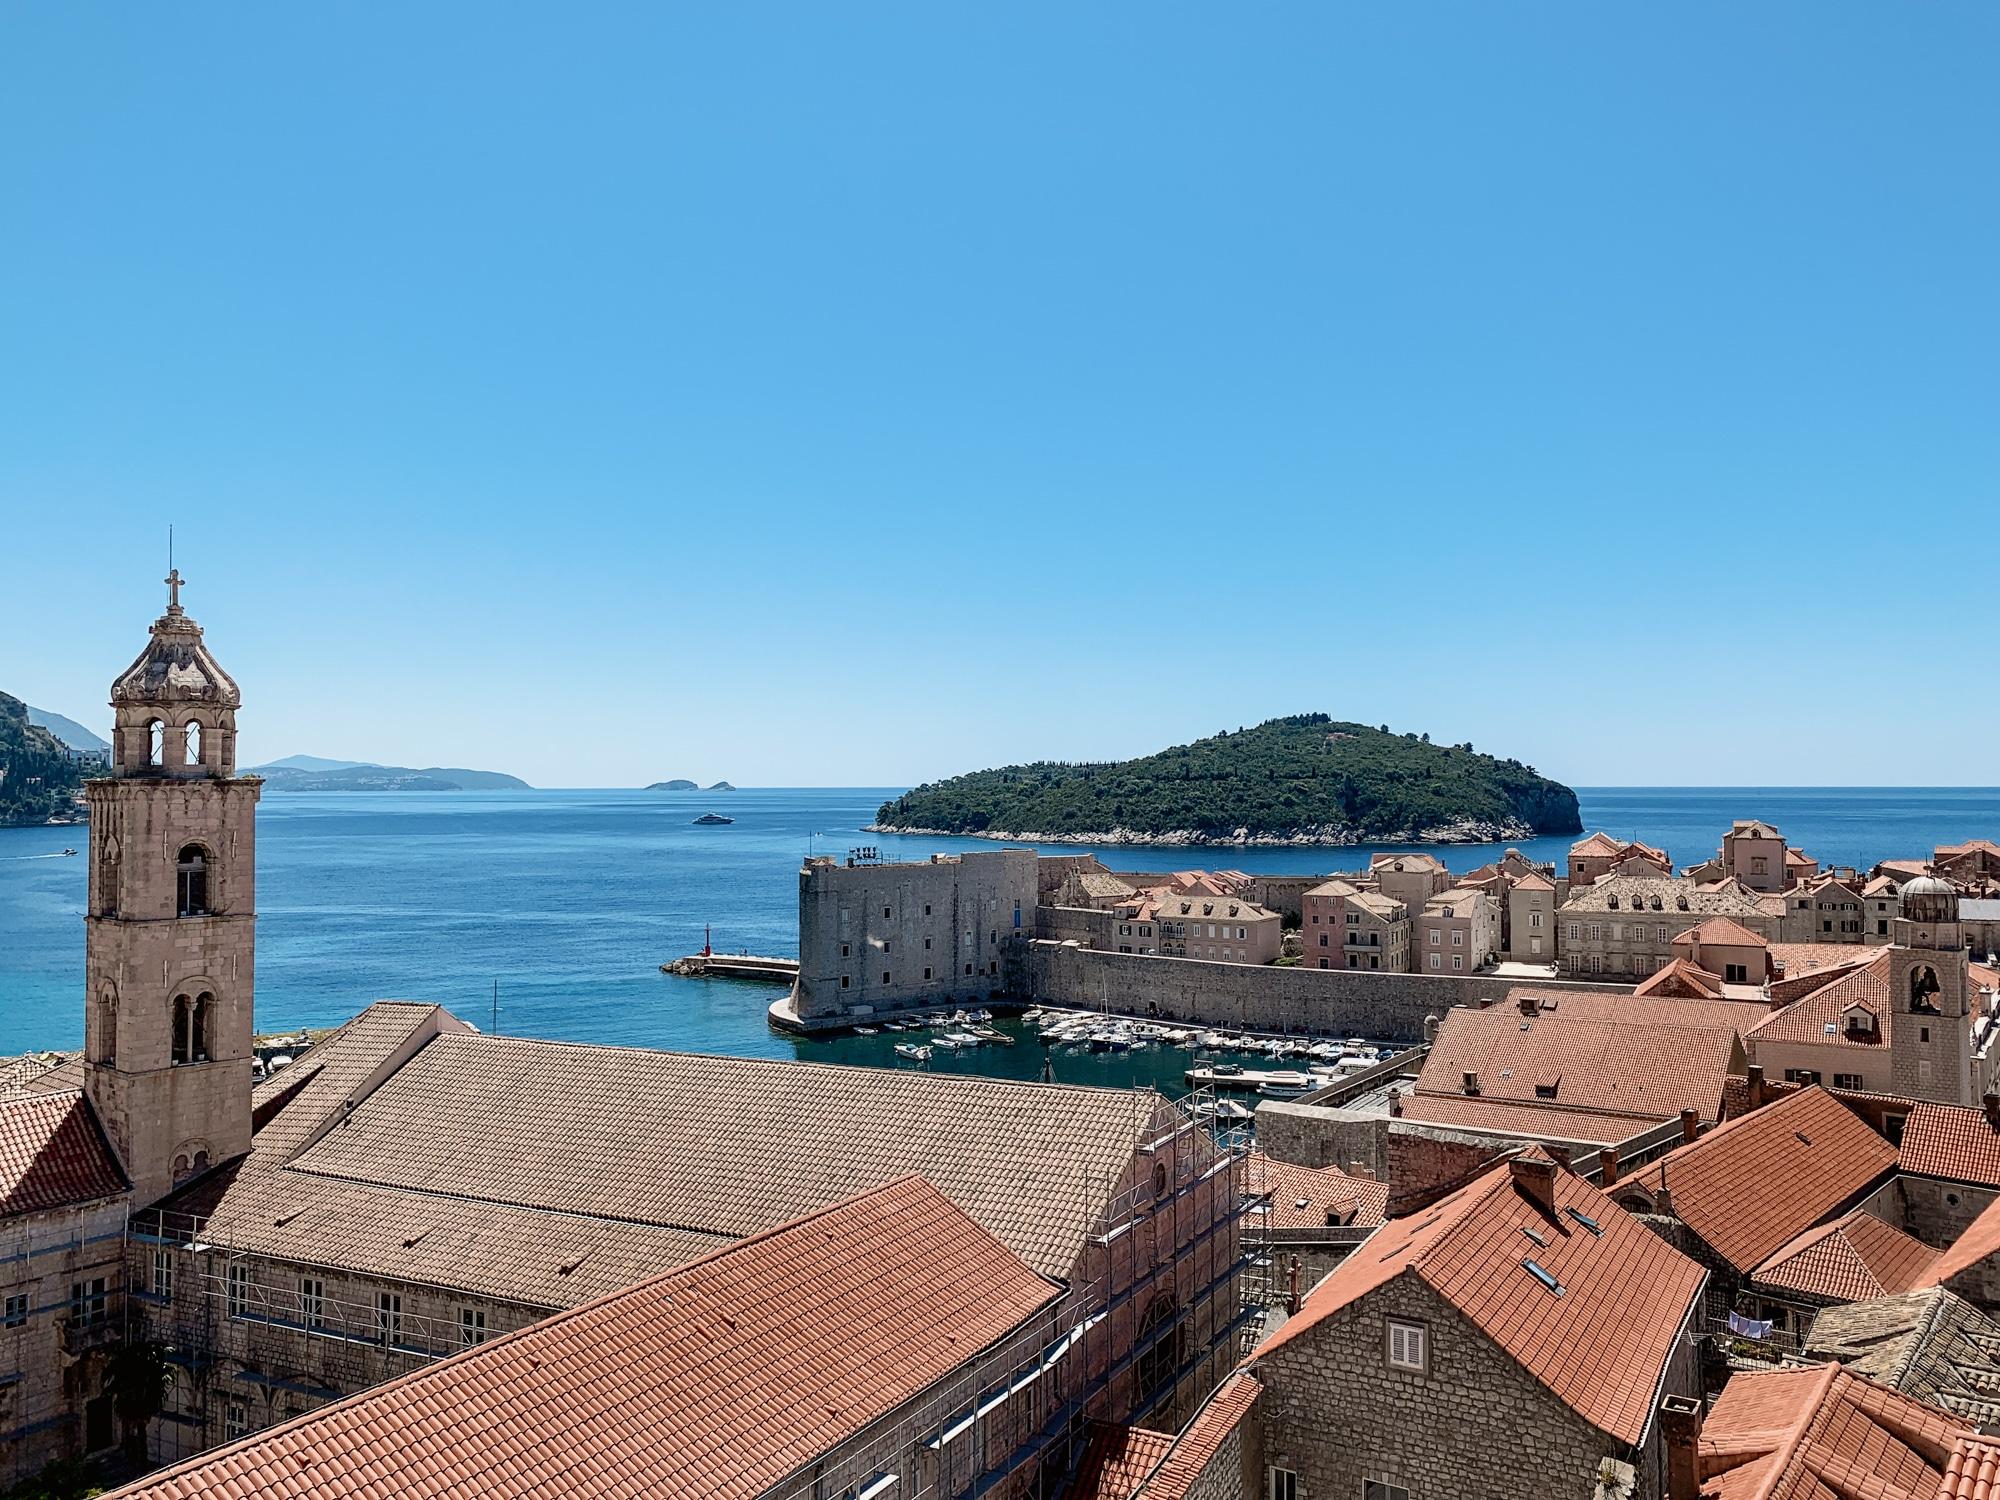 Dubrovnik Sehenswürdigkeiten Top 10: Meine Highlights und Tipps - Stadtmauern Rundgang